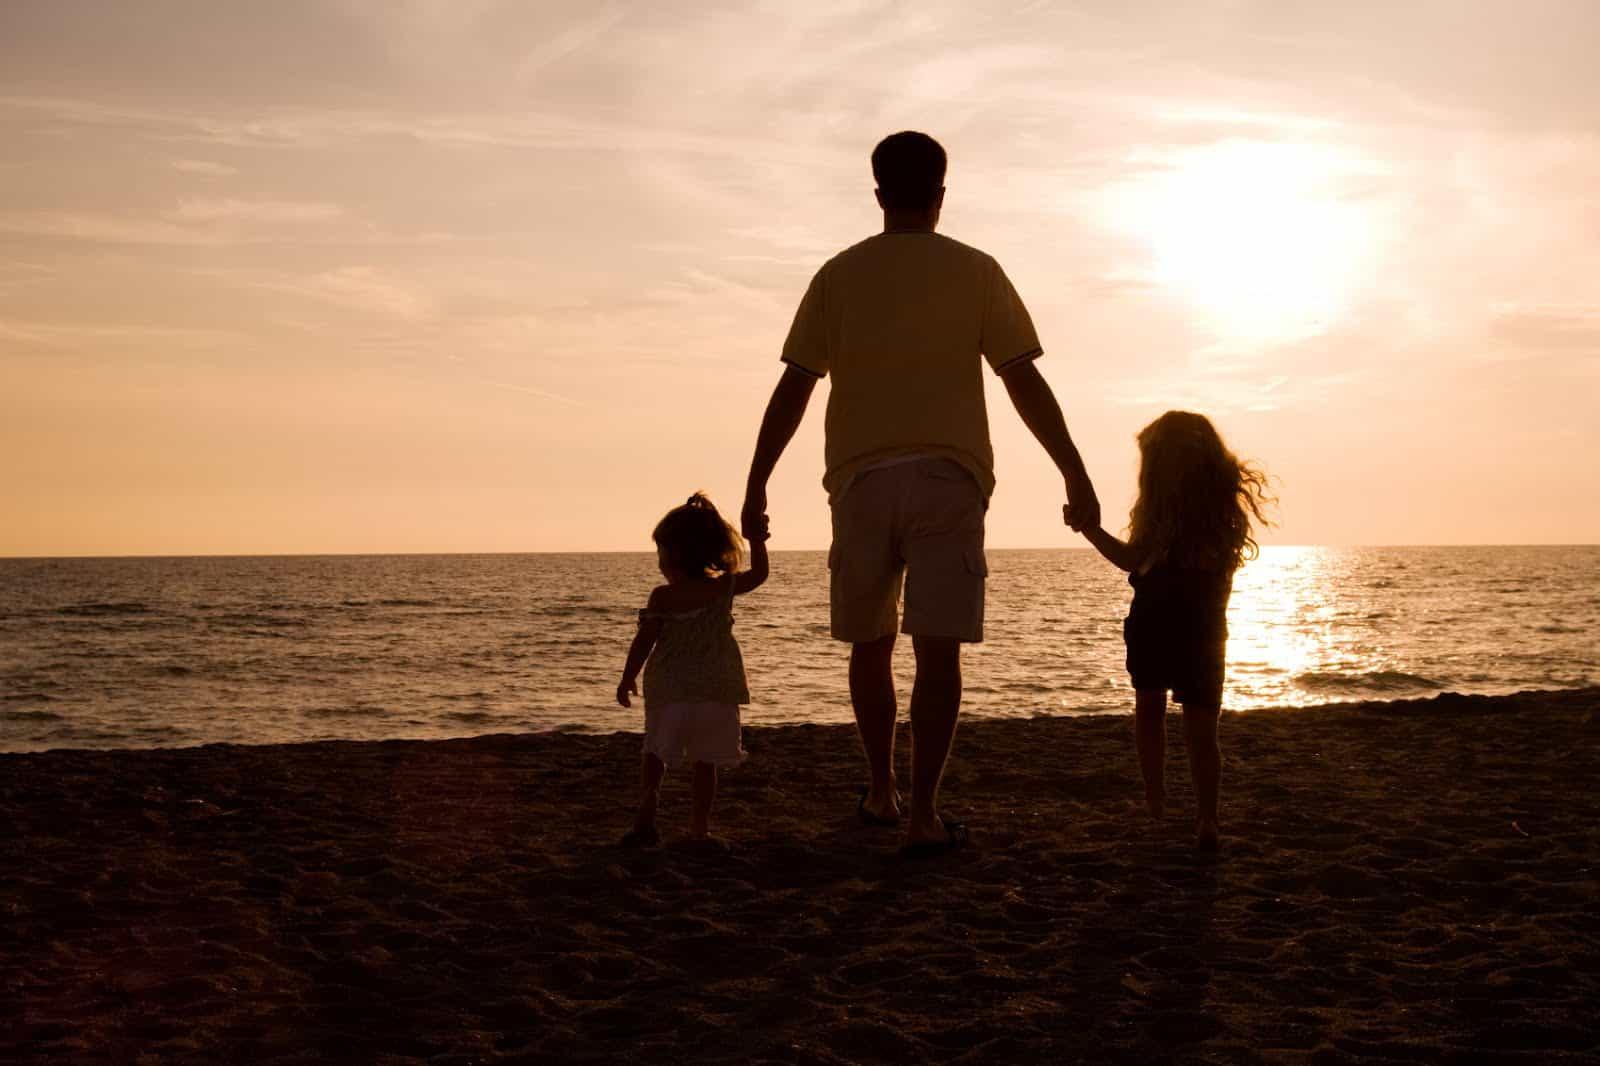 К чему снится покойный отец по толкованиям сонников и по общим значениям сновидения